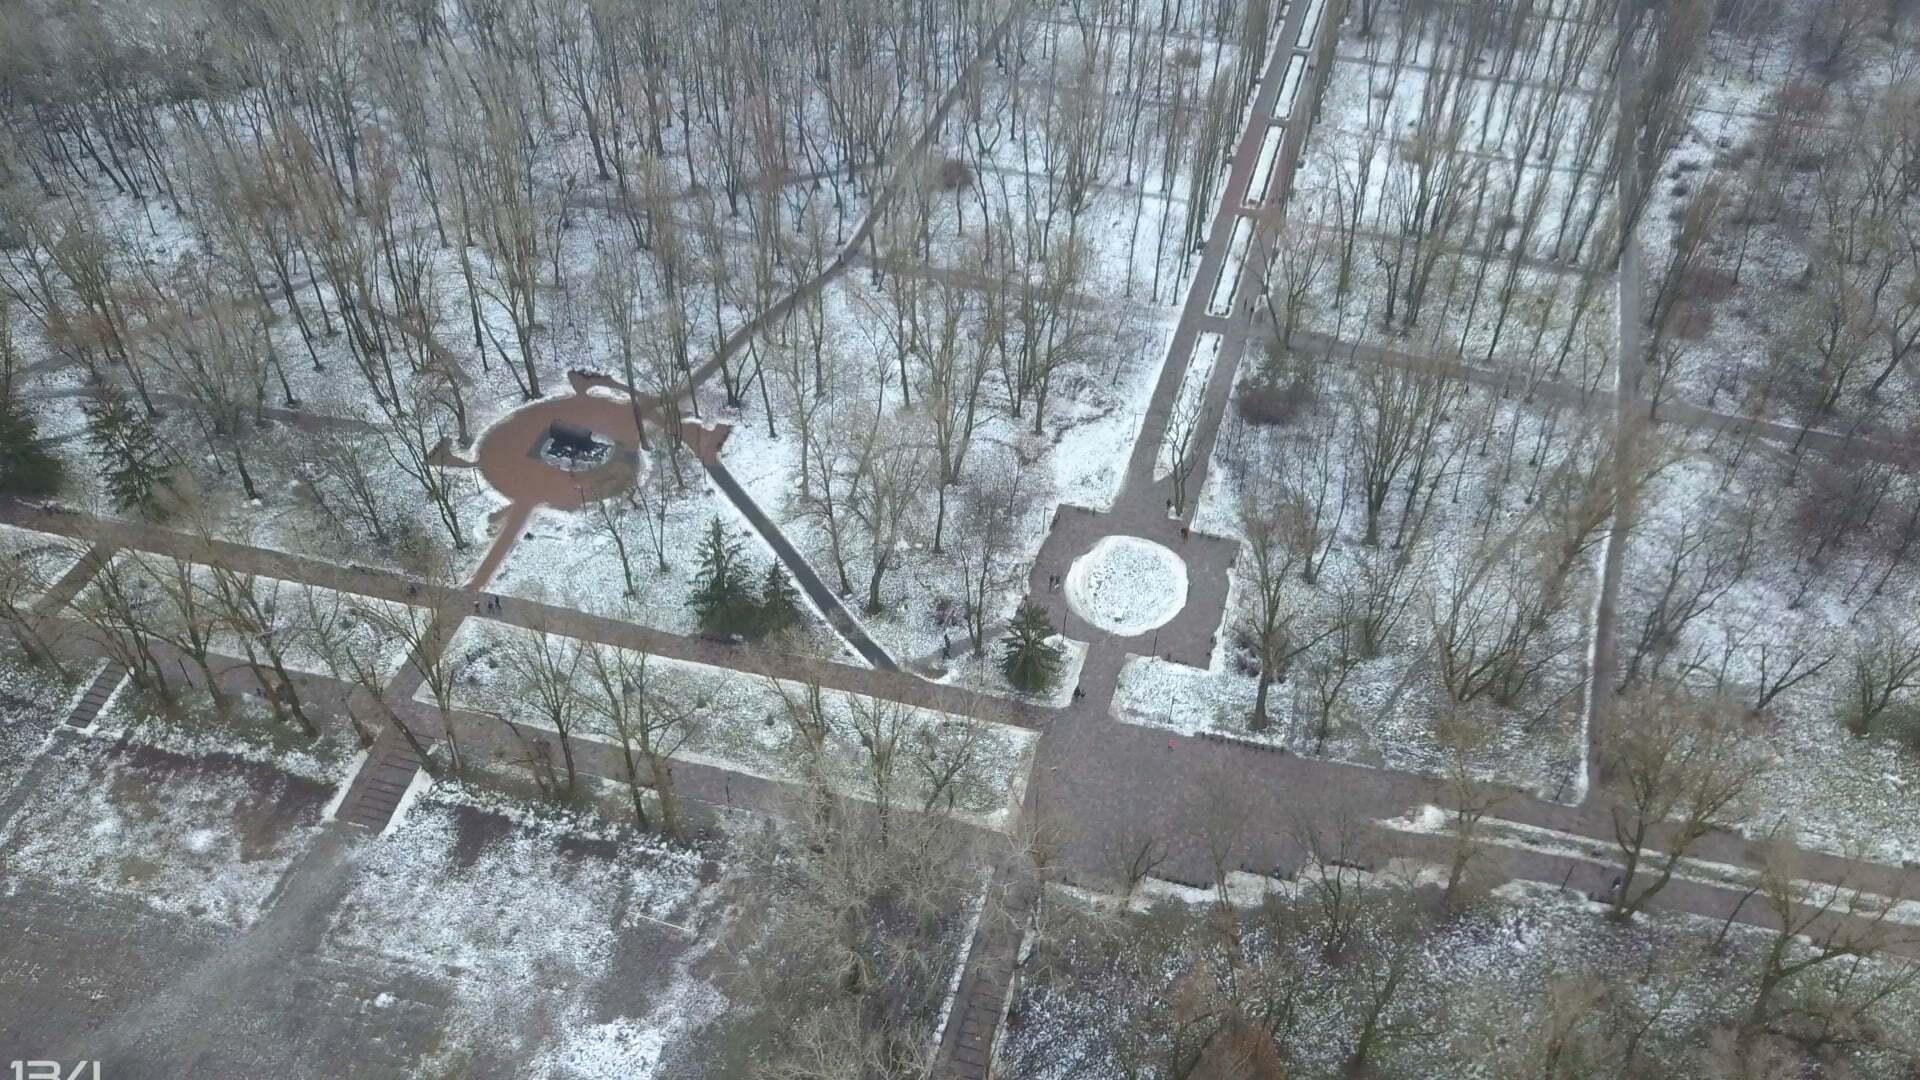 Можна розглянути Меморіал жертвам Голокосту, і як це місце виглядало раніше.